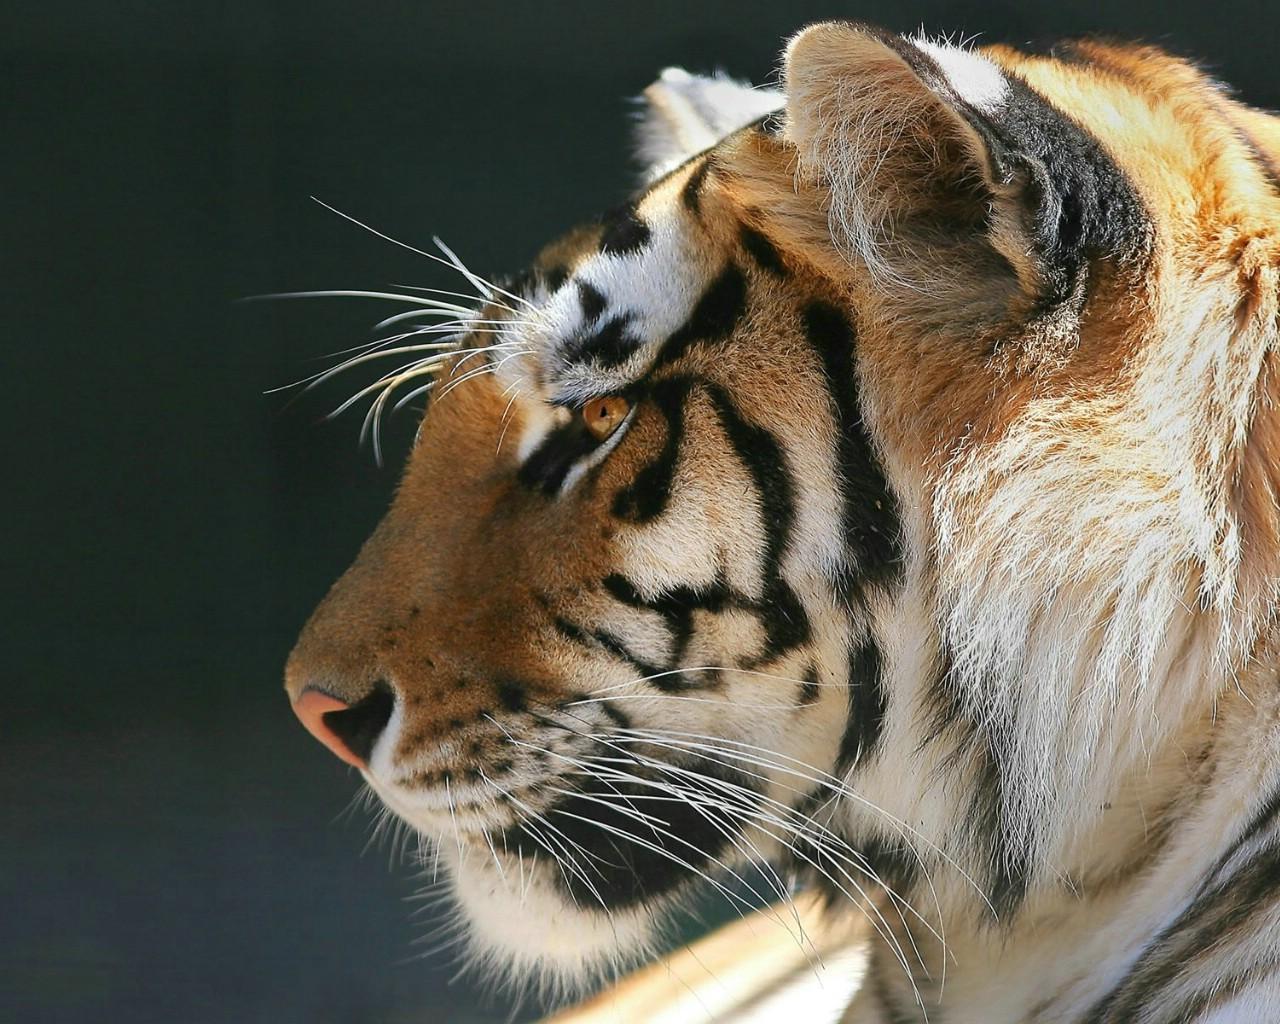 关于老虎的壁纸